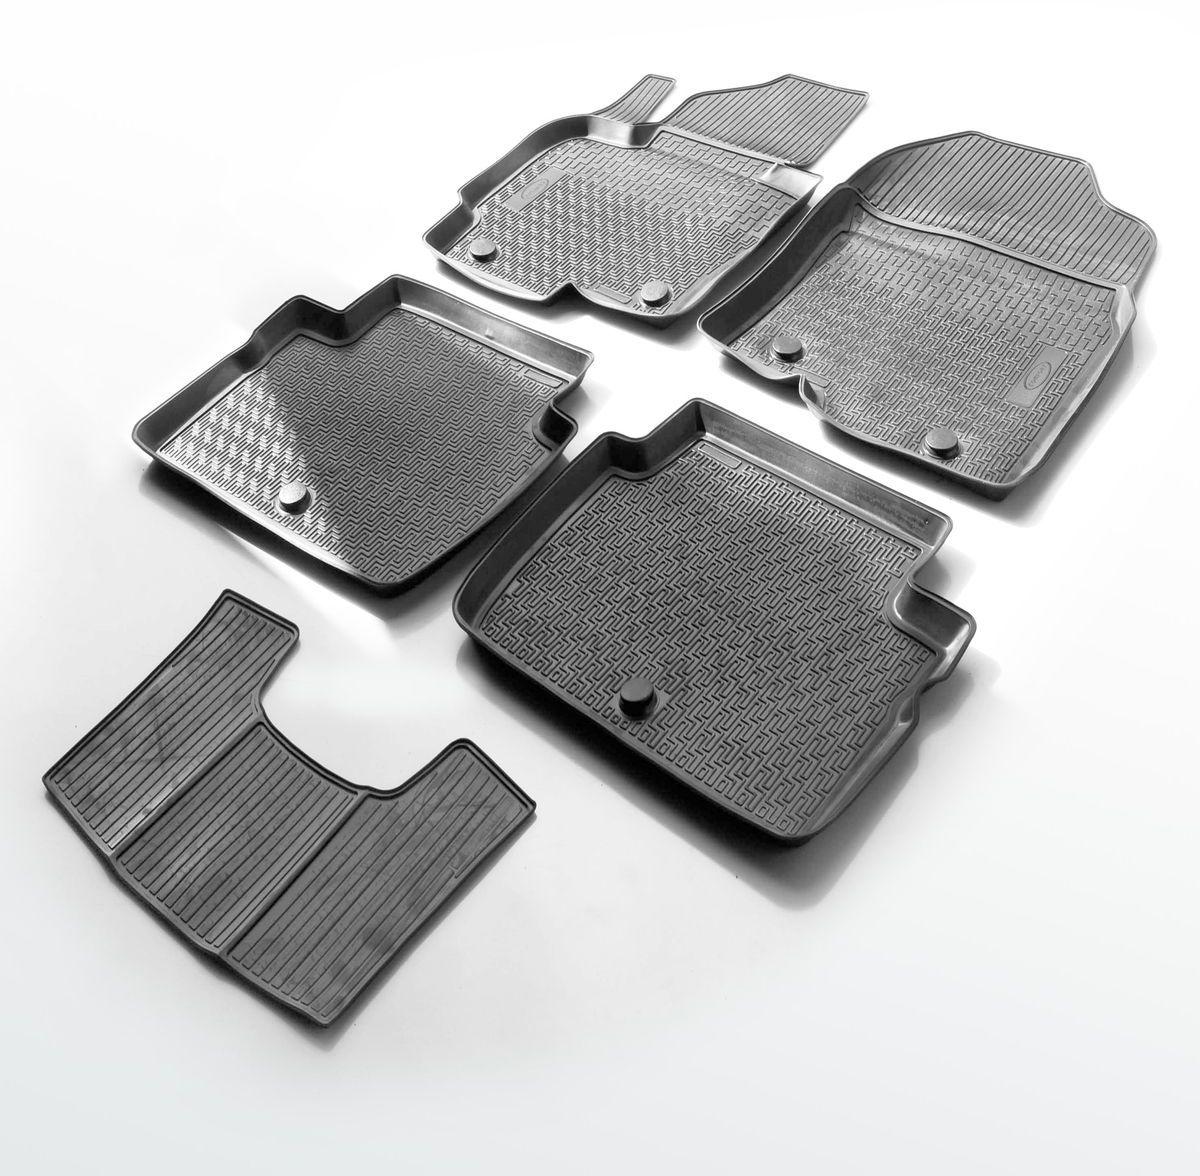 Коврики салона Rival для Toyota Camry 2014-, c перемычкой, полиуретанSC-FD421005Прочные и долговечные коврики Rival в салон автомобиля, изготовлены из высококачественного и экологичного сырья, полностью повторяют геометрию салона вашего автомобиля.- Надежная система крепления, позволяющая закрепить коврик на штатные элементы фиксации, в результате чего отсутствует эффект скольжения по салону автомобиля.- Высокая стойкость поверхности к стиранию.- Специализированный рисунок и высокий борт, препятствующие распространению грязи и жидкости по поверхности коврика.- Перемычка задних ковриков в комплекте предотвращает загрязнение тоннеля карданного вала.- Произведены из первичных материалов, в результате чего отсутствует неприятный запах в салоне автомобиля.- Высокая эластичность, можно беспрепятственно эксплуатировать при температуре от -45 ?C до +45 ?C.Уважаемые клиенты!Обращаем ваше внимание,что коврики имеет формусоответствующую модели данного автомобиля. Фото служит для визуального восприятия товара.